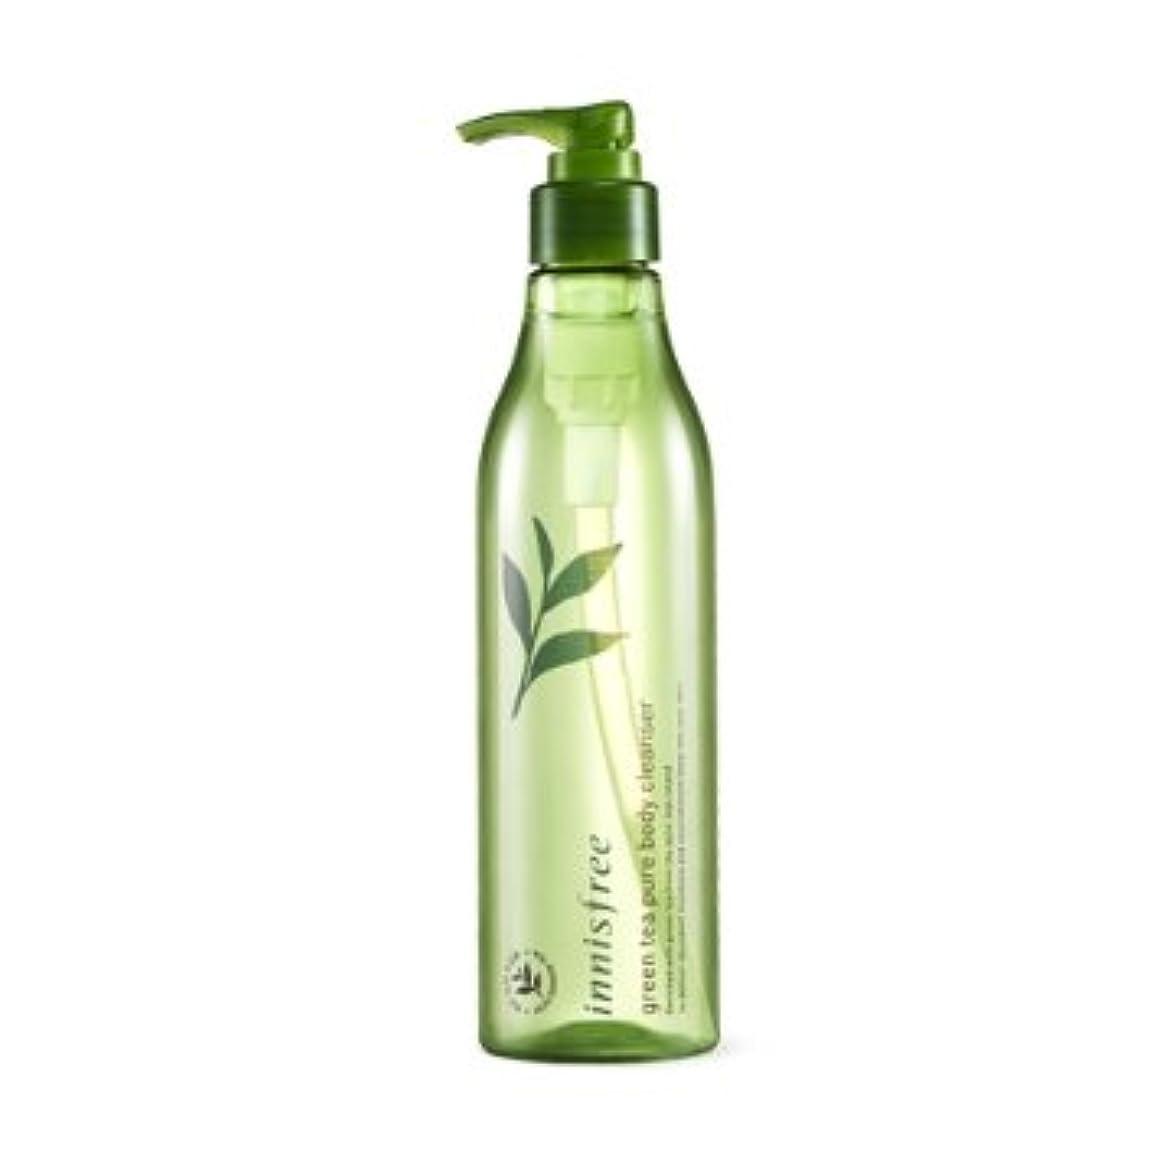 結び目チャンス統計【イニスフリー】Innisfree green tea pure body cleanser - 300ml (韓国直送品) (SHOPPINGINSTAGRAM)